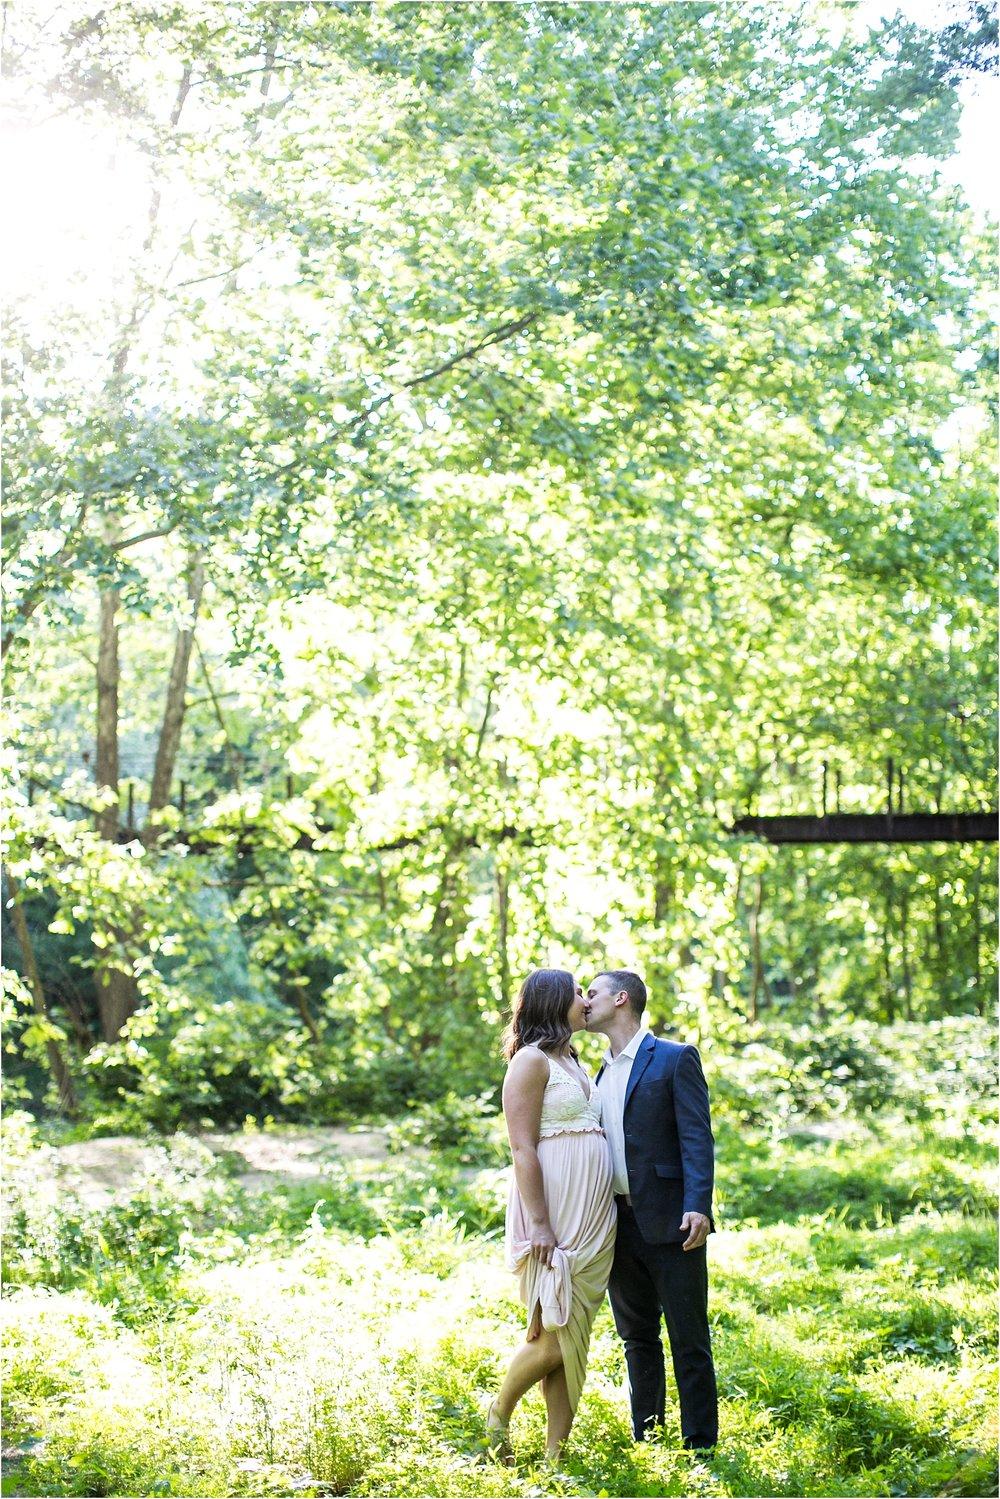 MeganSethPatapscoStateParkWaterEngagementSessionLivingRadiantPhotographyphotos_0016.jpg